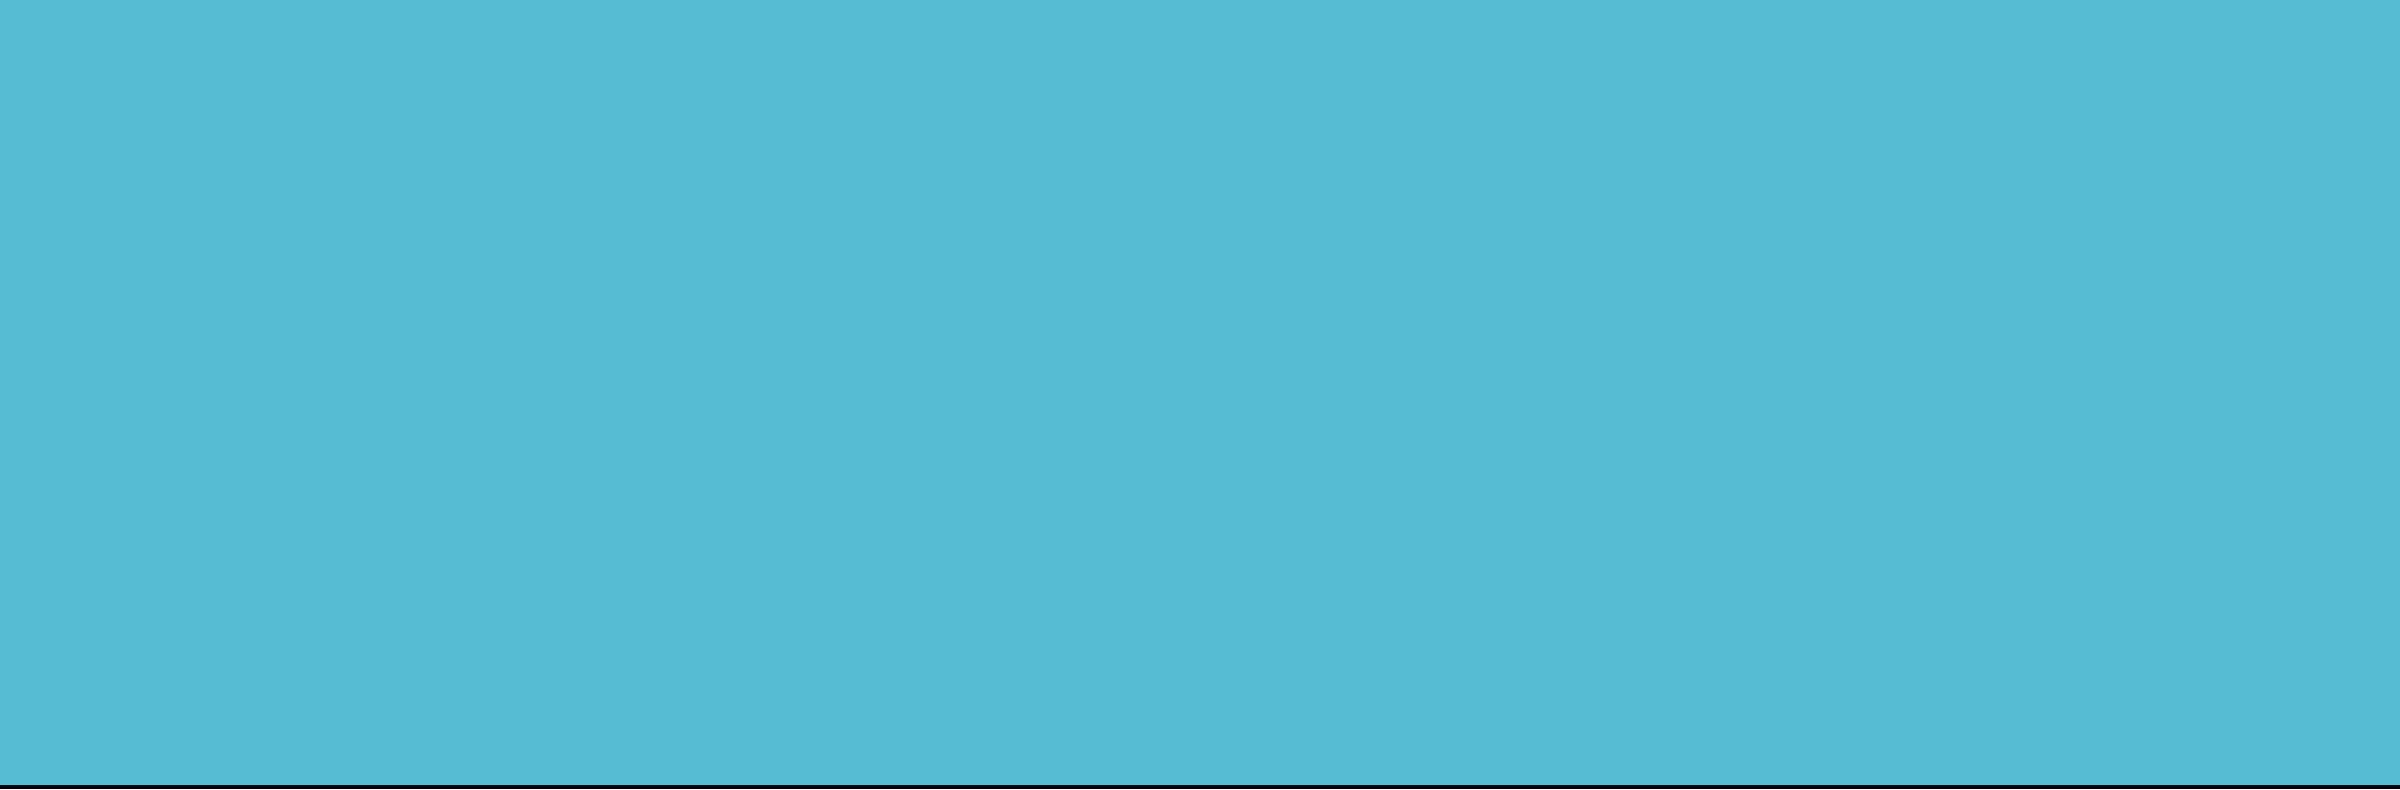 bluebackdrop.png